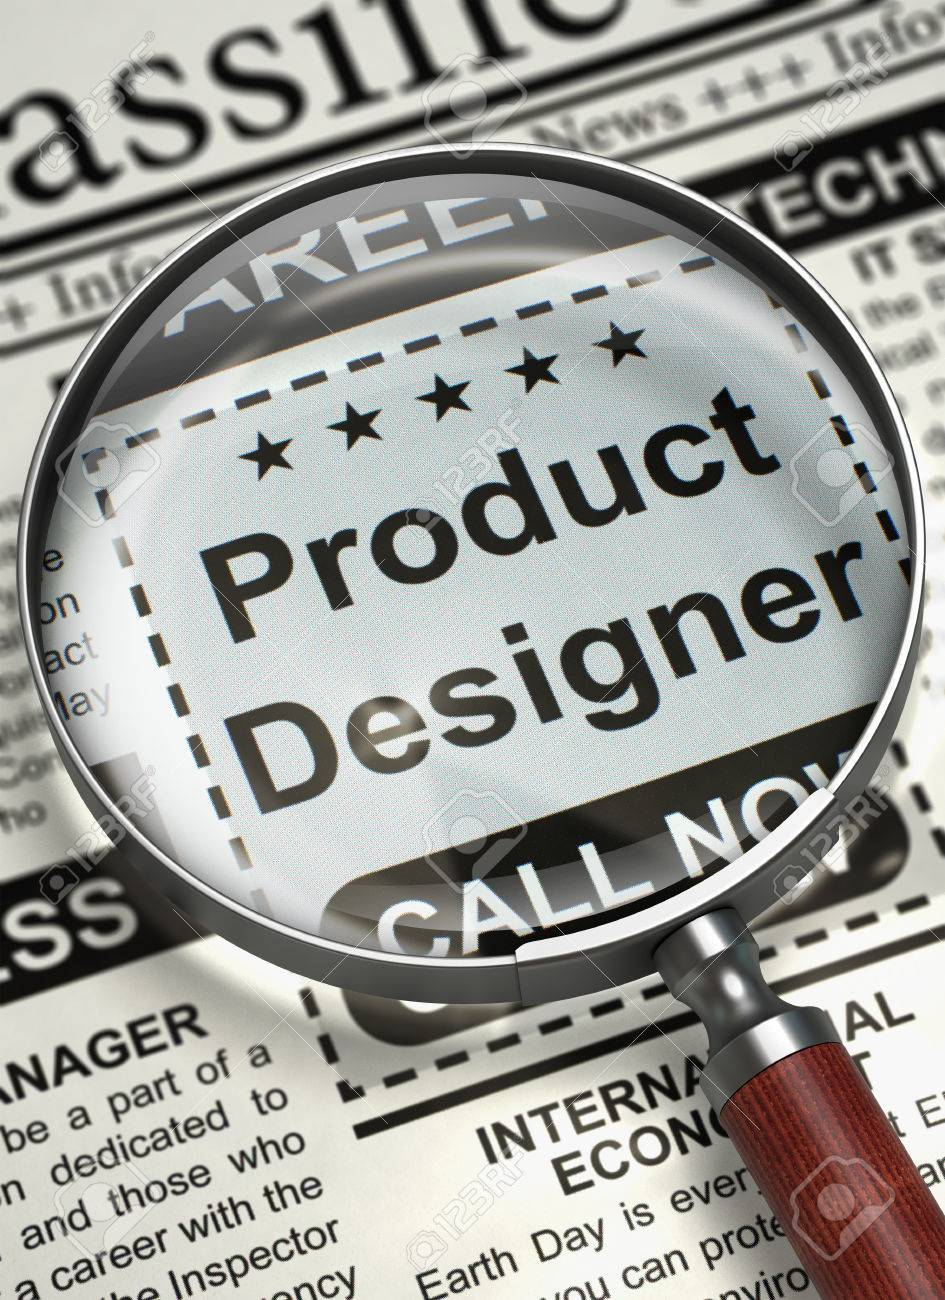 99c21278197a Diseñador De Producto - De Anuncios Clasificados De Contratación En El  Periódico. Diseñador De Producto - Cerrar La Vista De Anuncios De La  Búsqueda De ...